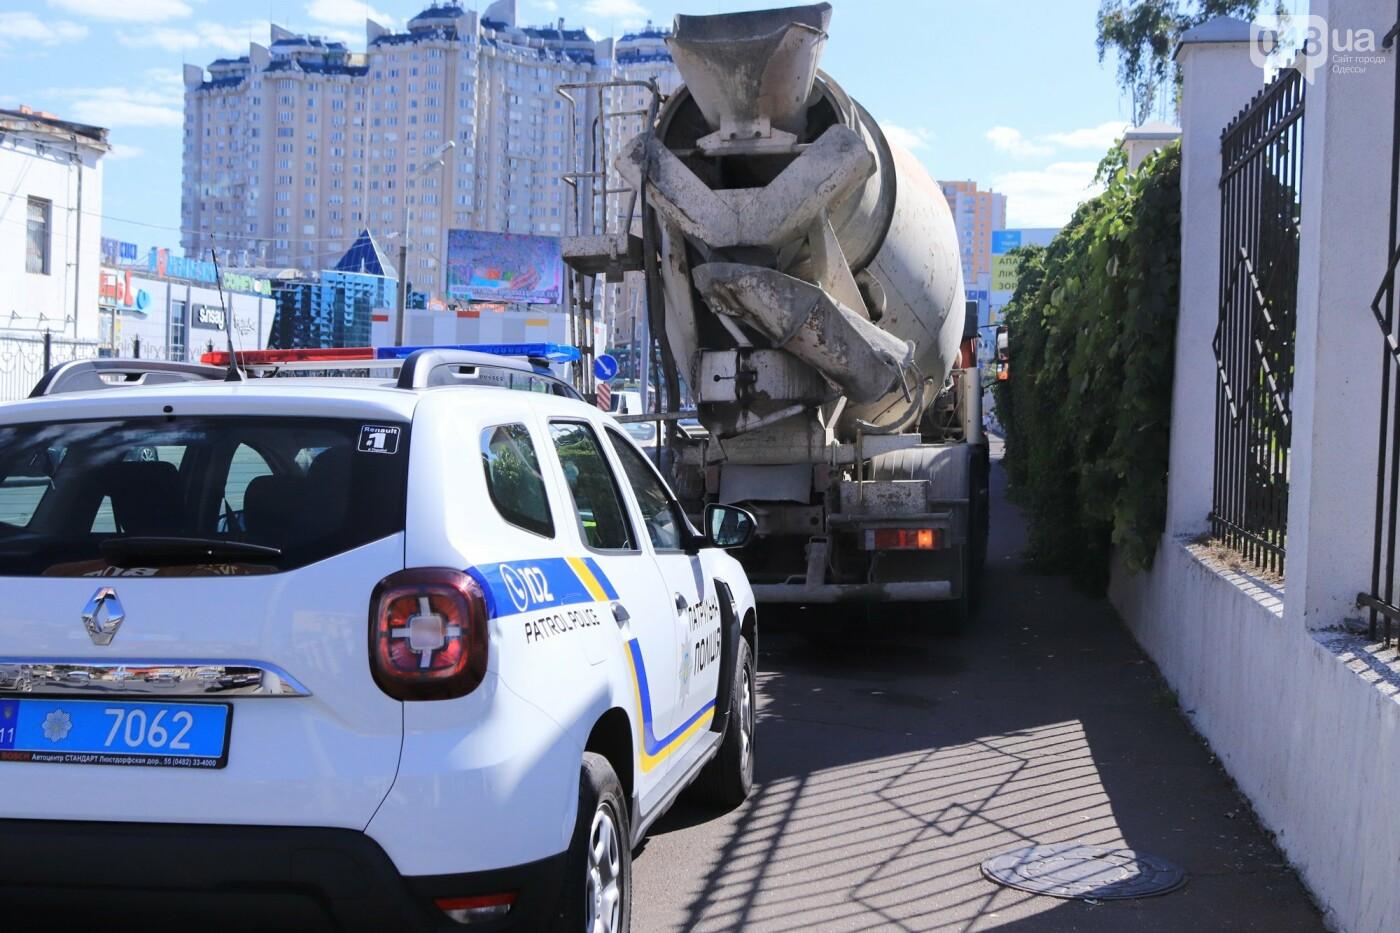 Могли взорваться: в Одессе КАМАЗ протаранил на светофоре легковушку с баллоном газа в багажнике, - ФОТО , фото-1